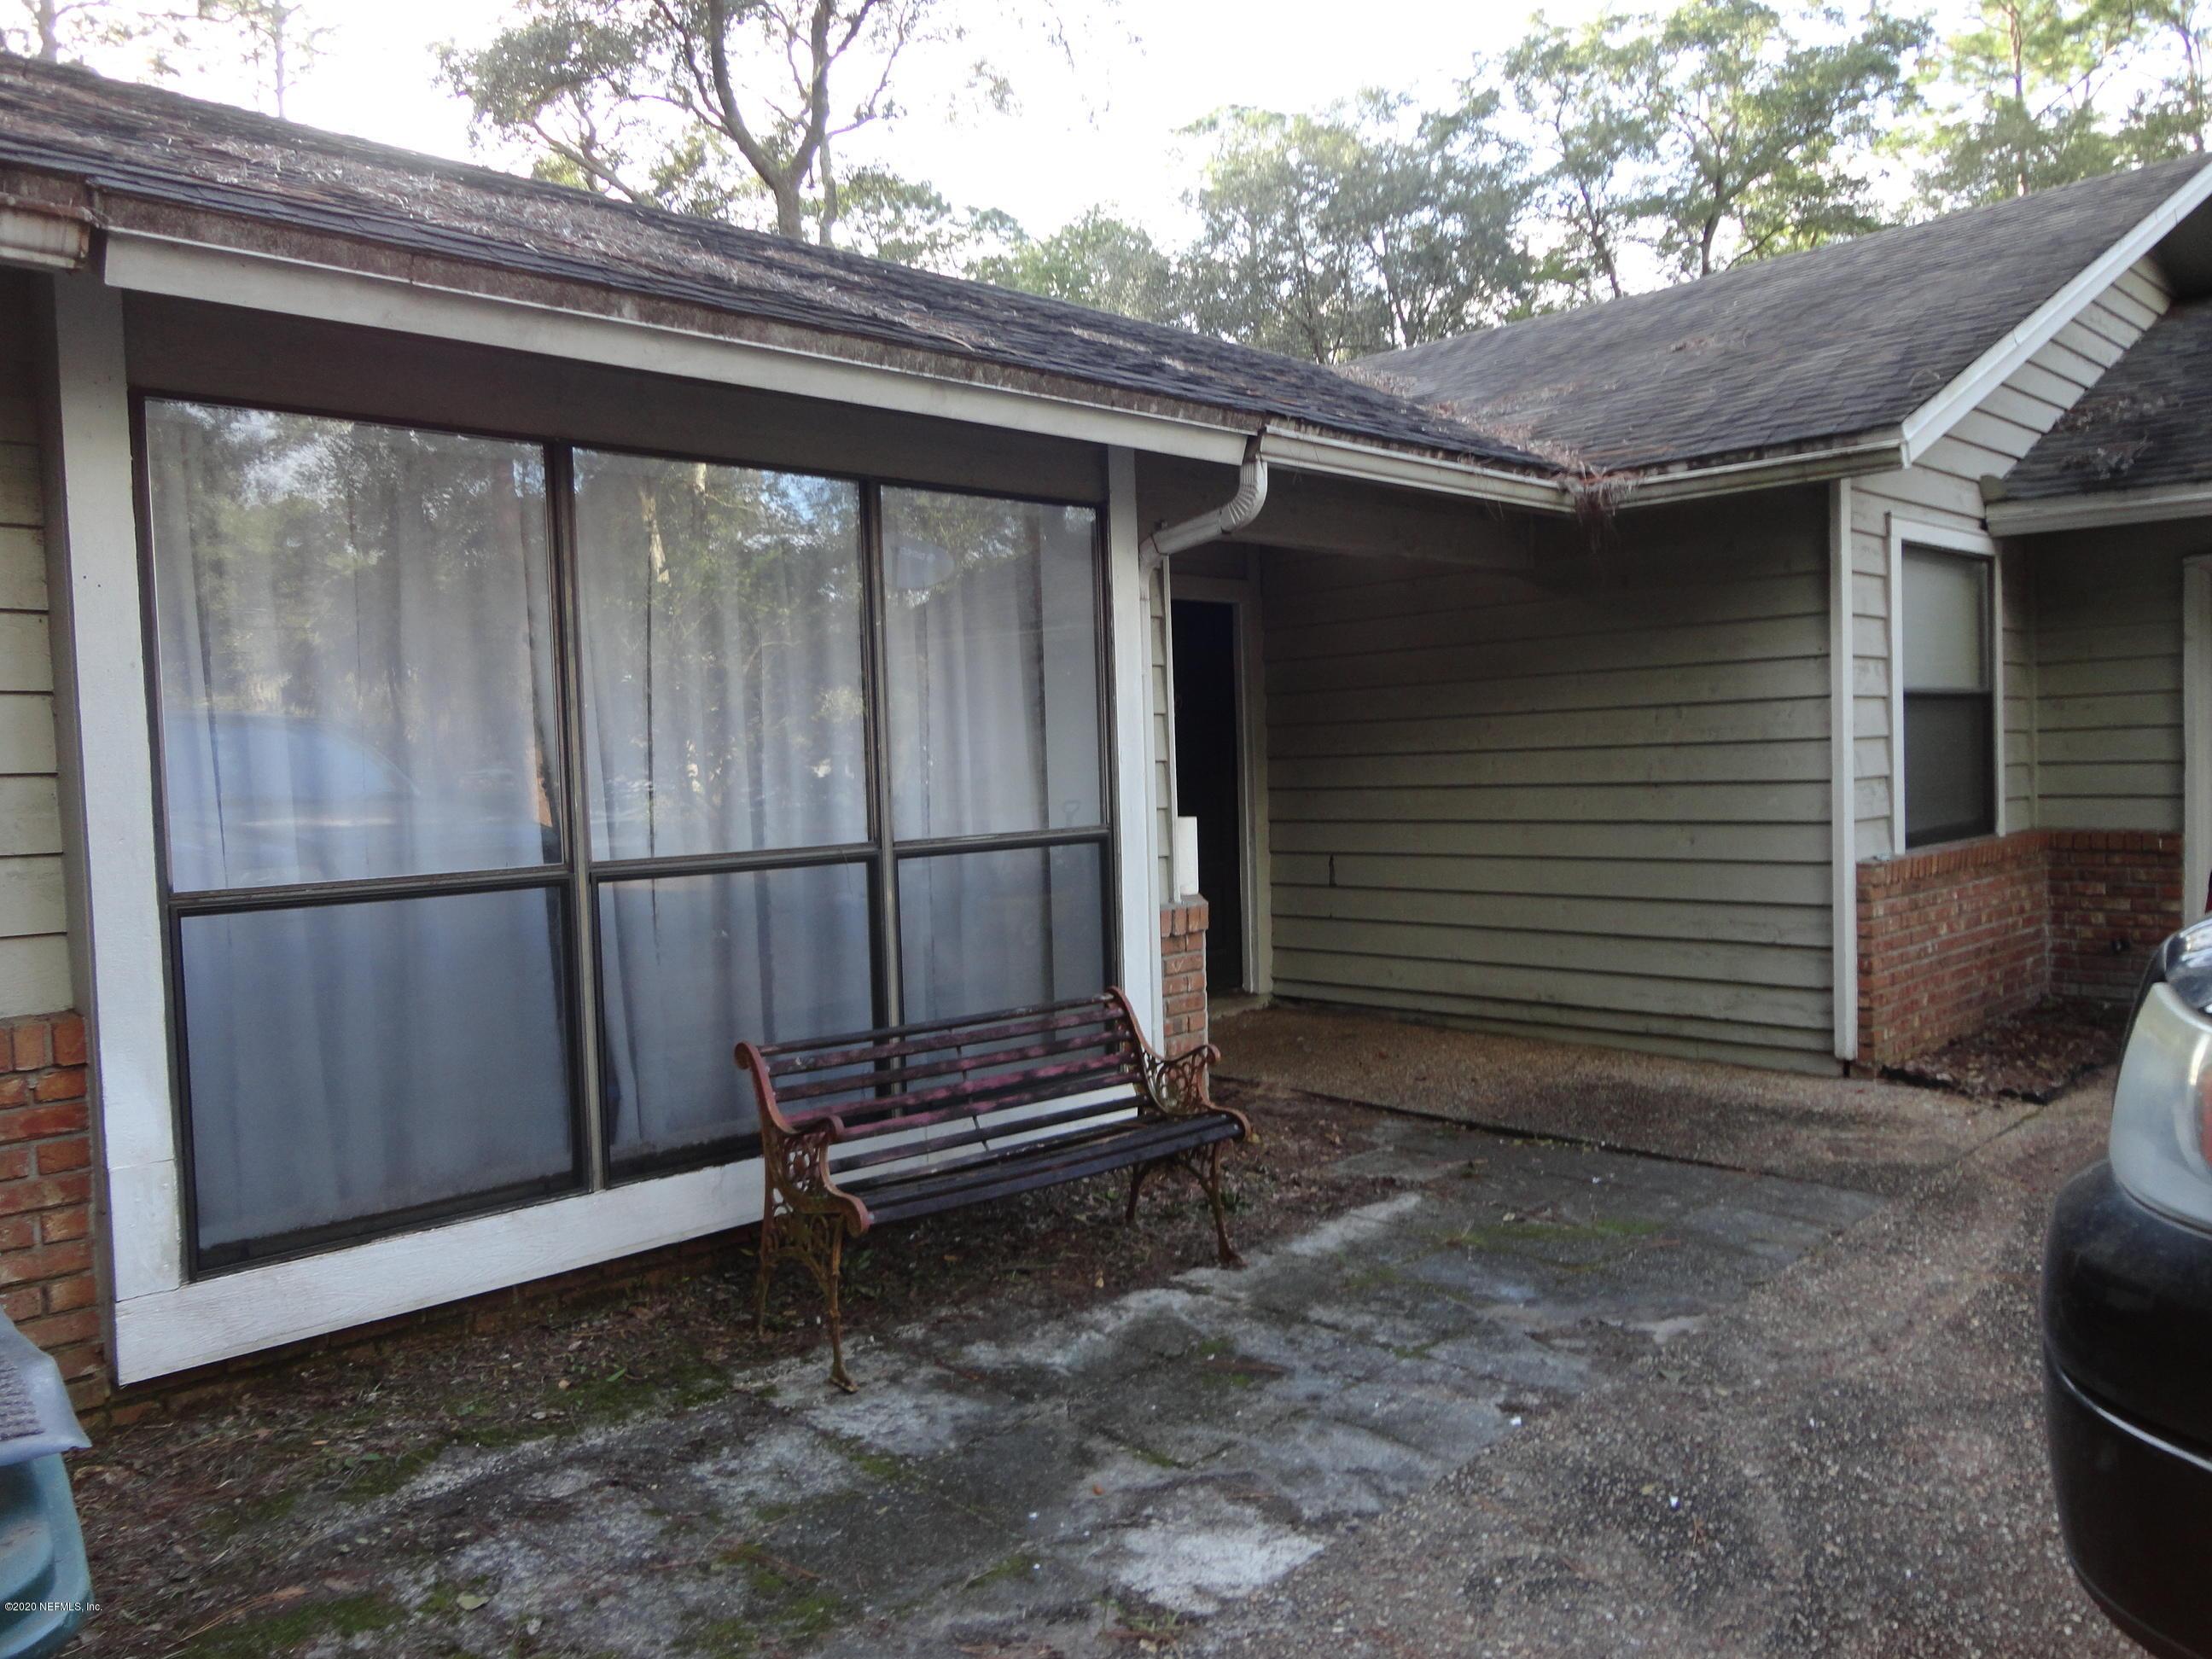 12020 HOOD LANDING, JACKSONVILLE, FLORIDA 32258, 4 Bedrooms Bedrooms, ,2 BathroomsBathrooms,Residential,For sale,HOOD LANDING,1078931